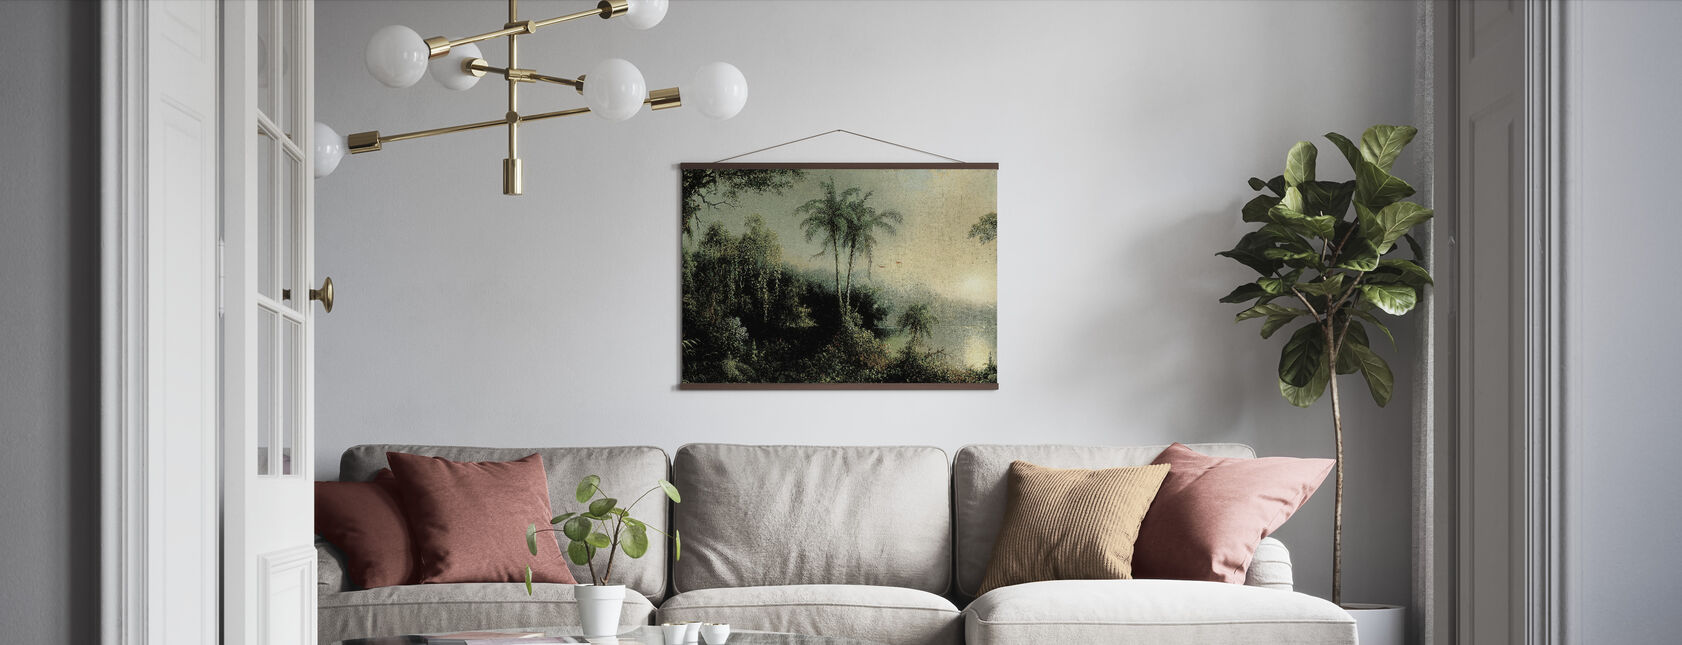 Sunrise - Martin Johnson Heade - Poster - Living Room